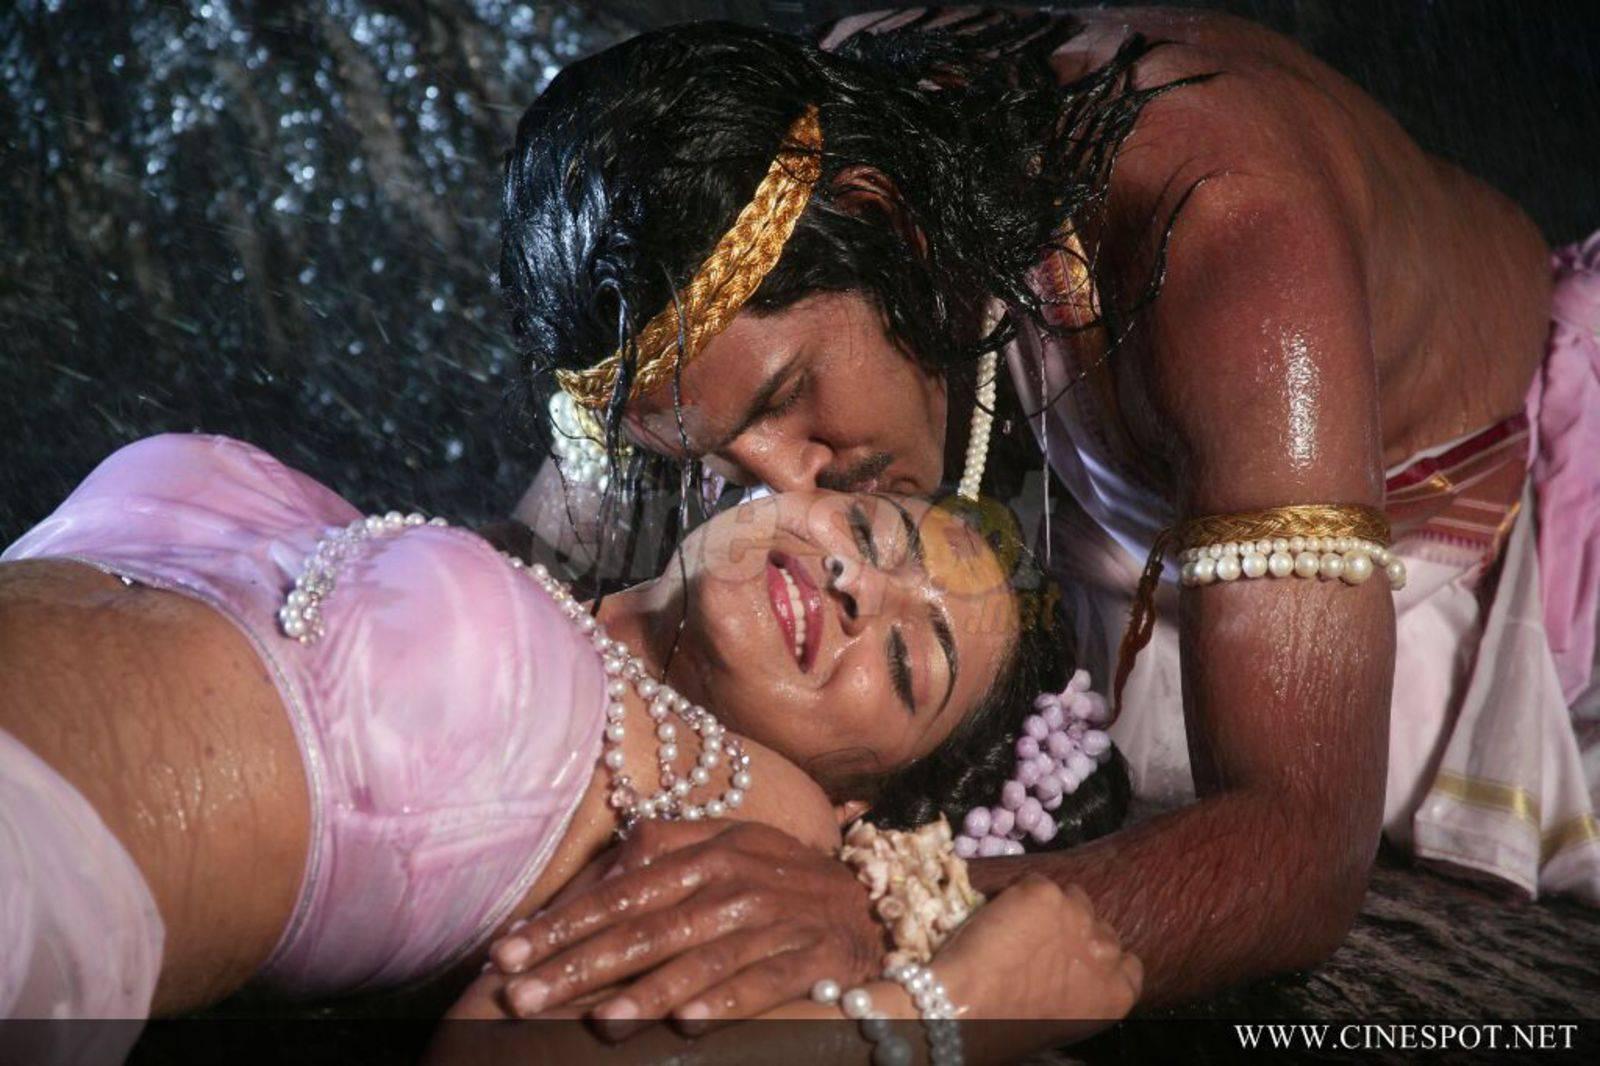 Hindi vimpairs movies download pics naked home pornstar